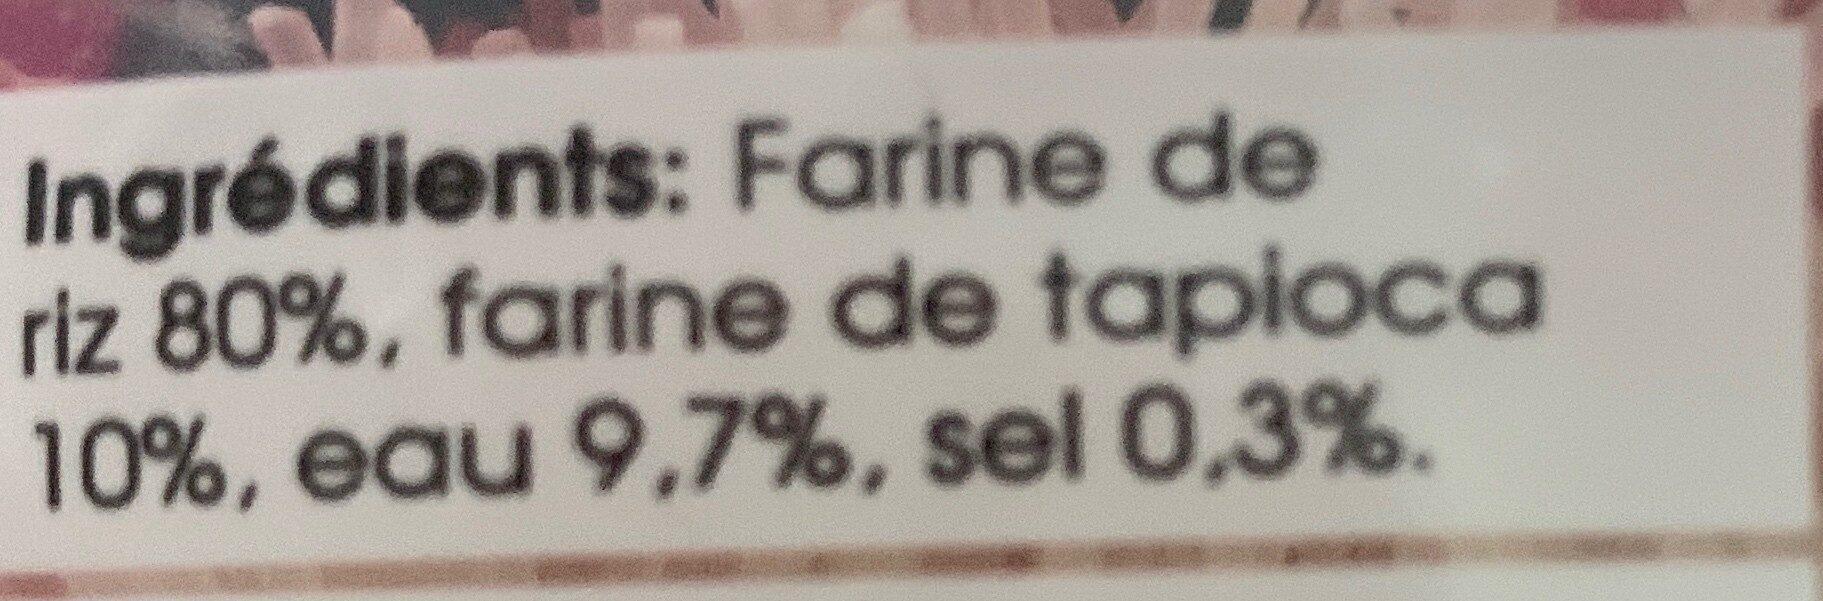 Vericelle de riz bún - Ingrediënten